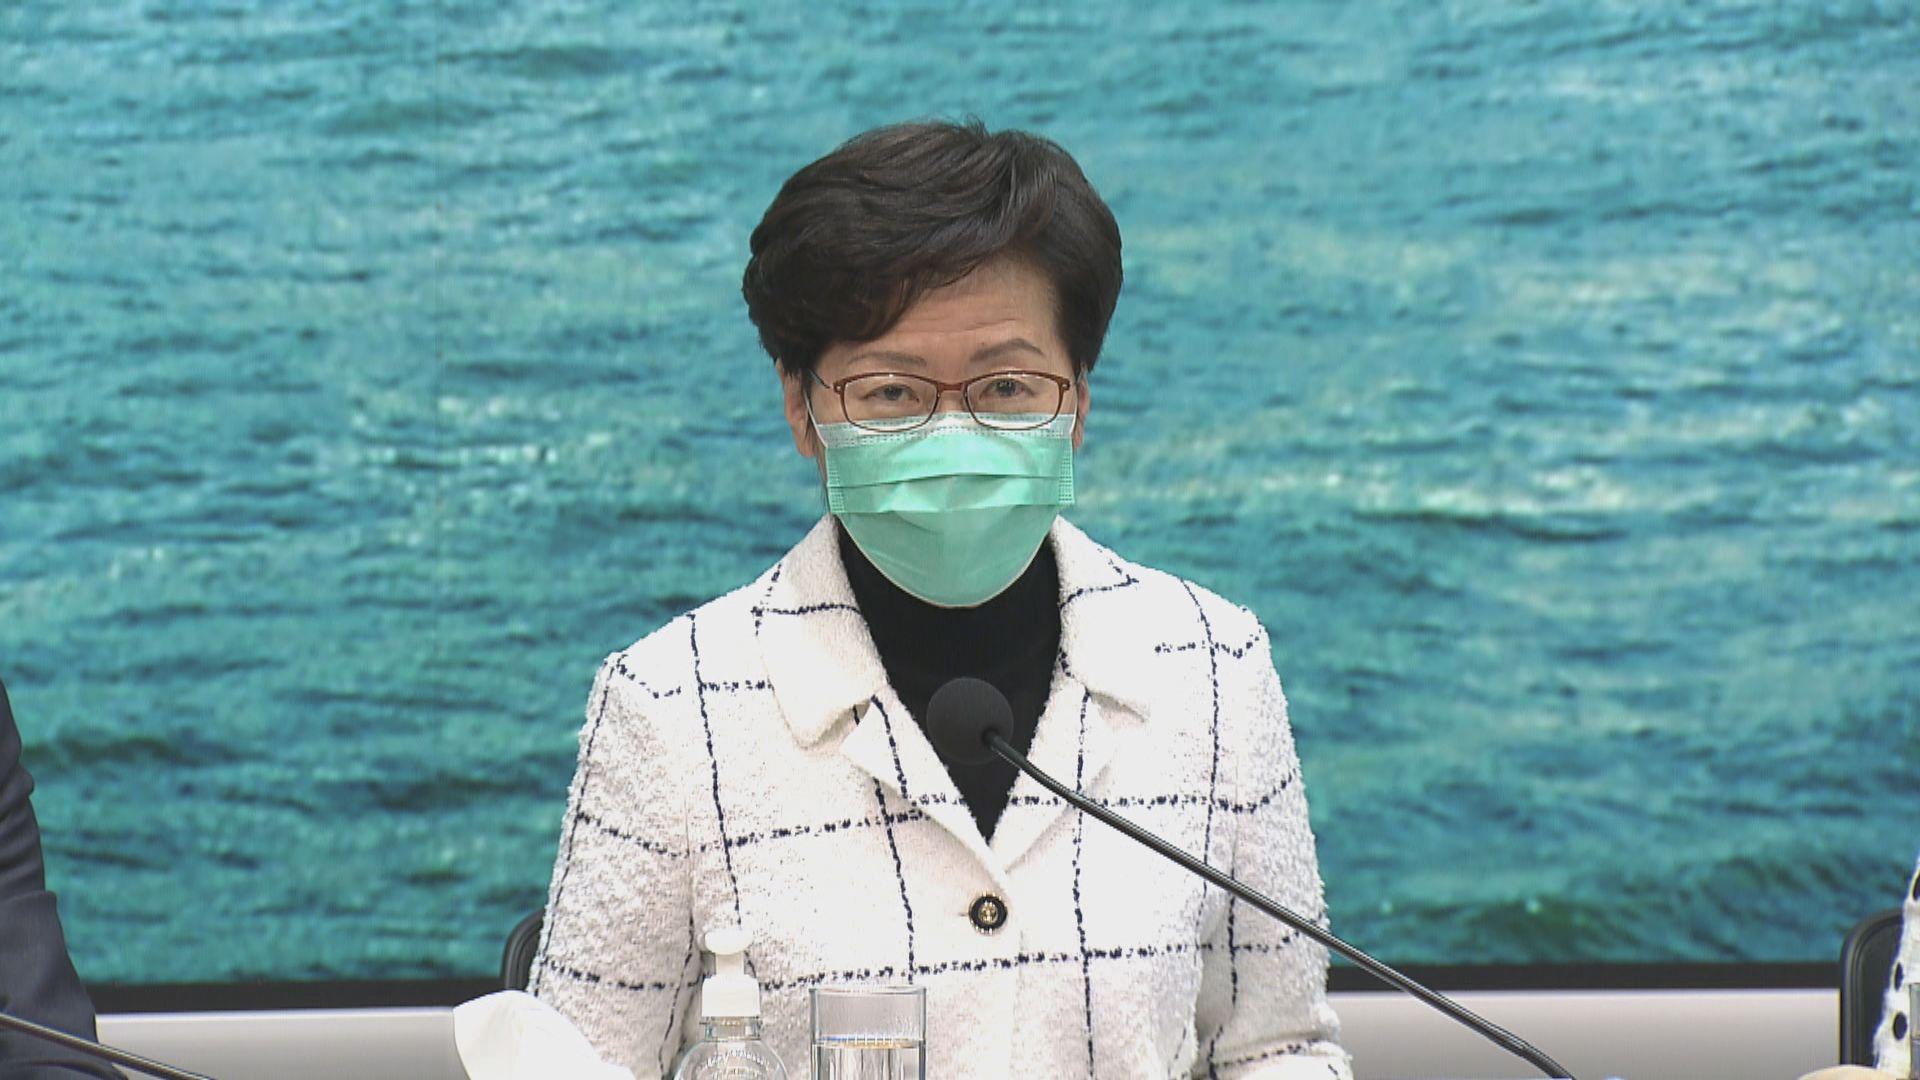 【最新】港府周三起禁非香港居民由機場入境;修例要求食肆酒吧暫停賣酒